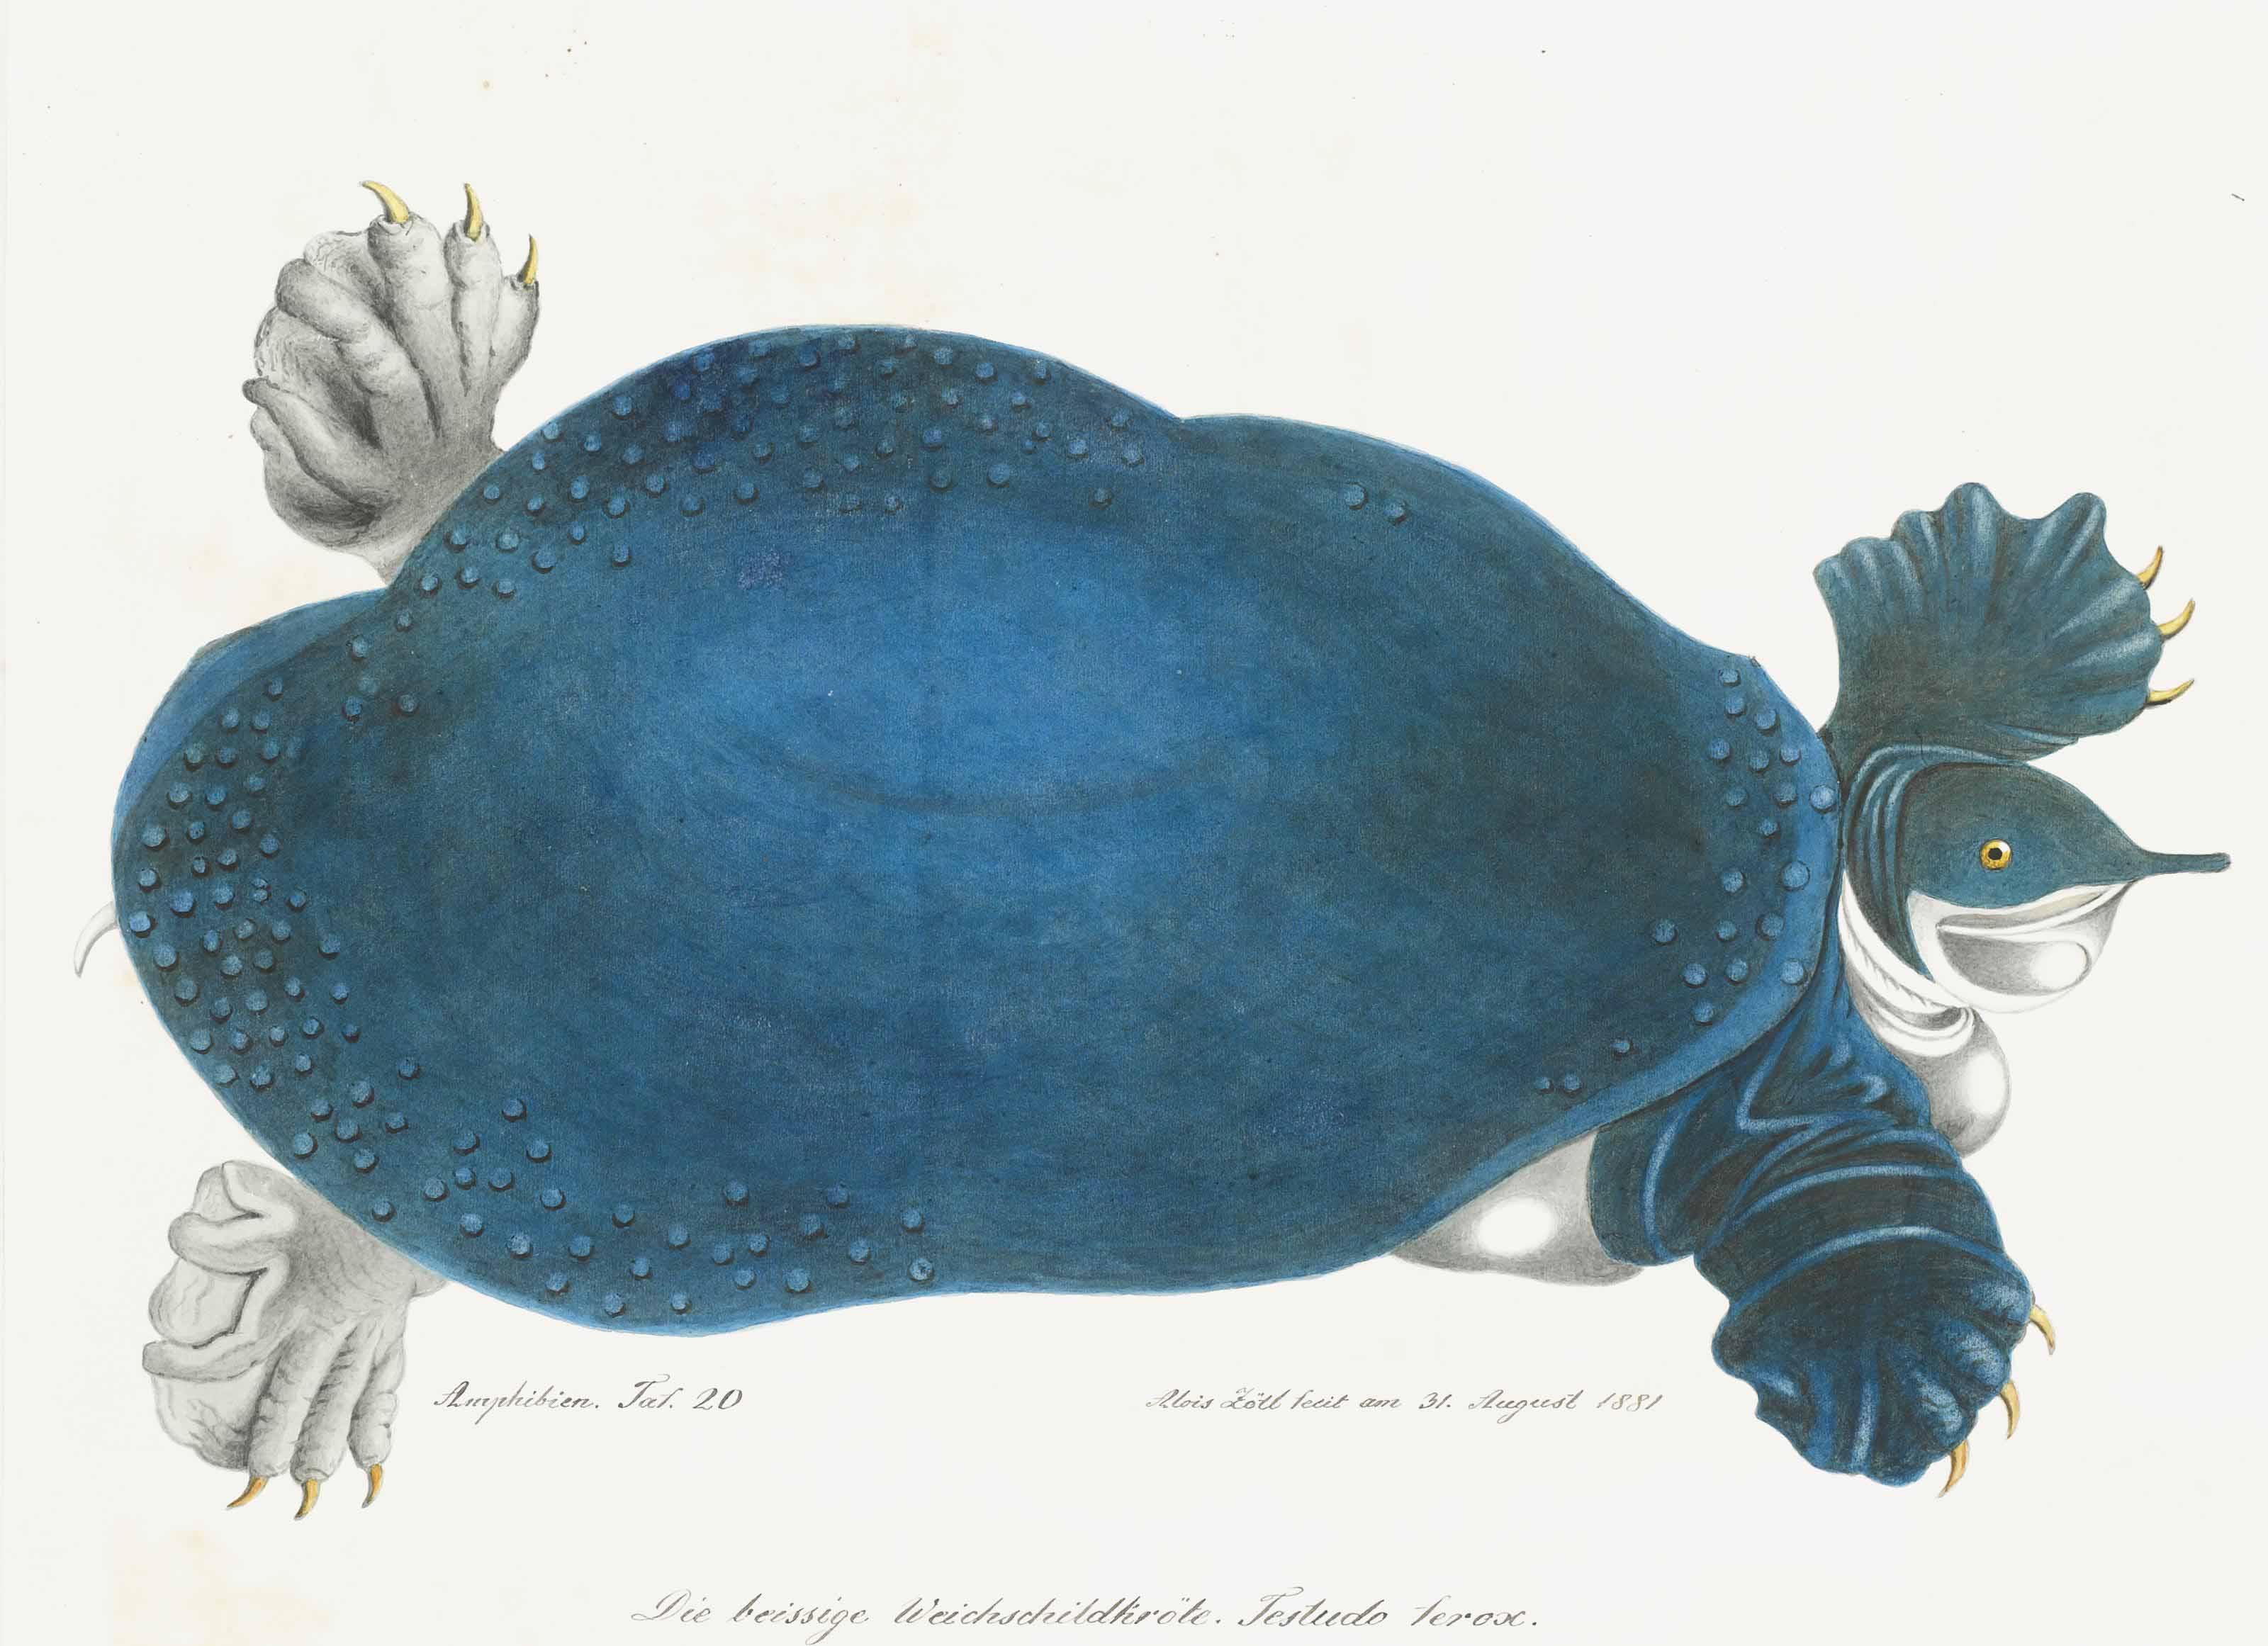 Tortue molle d'Amérique ou Trionyx, autrefois appelée Tortue Bleue